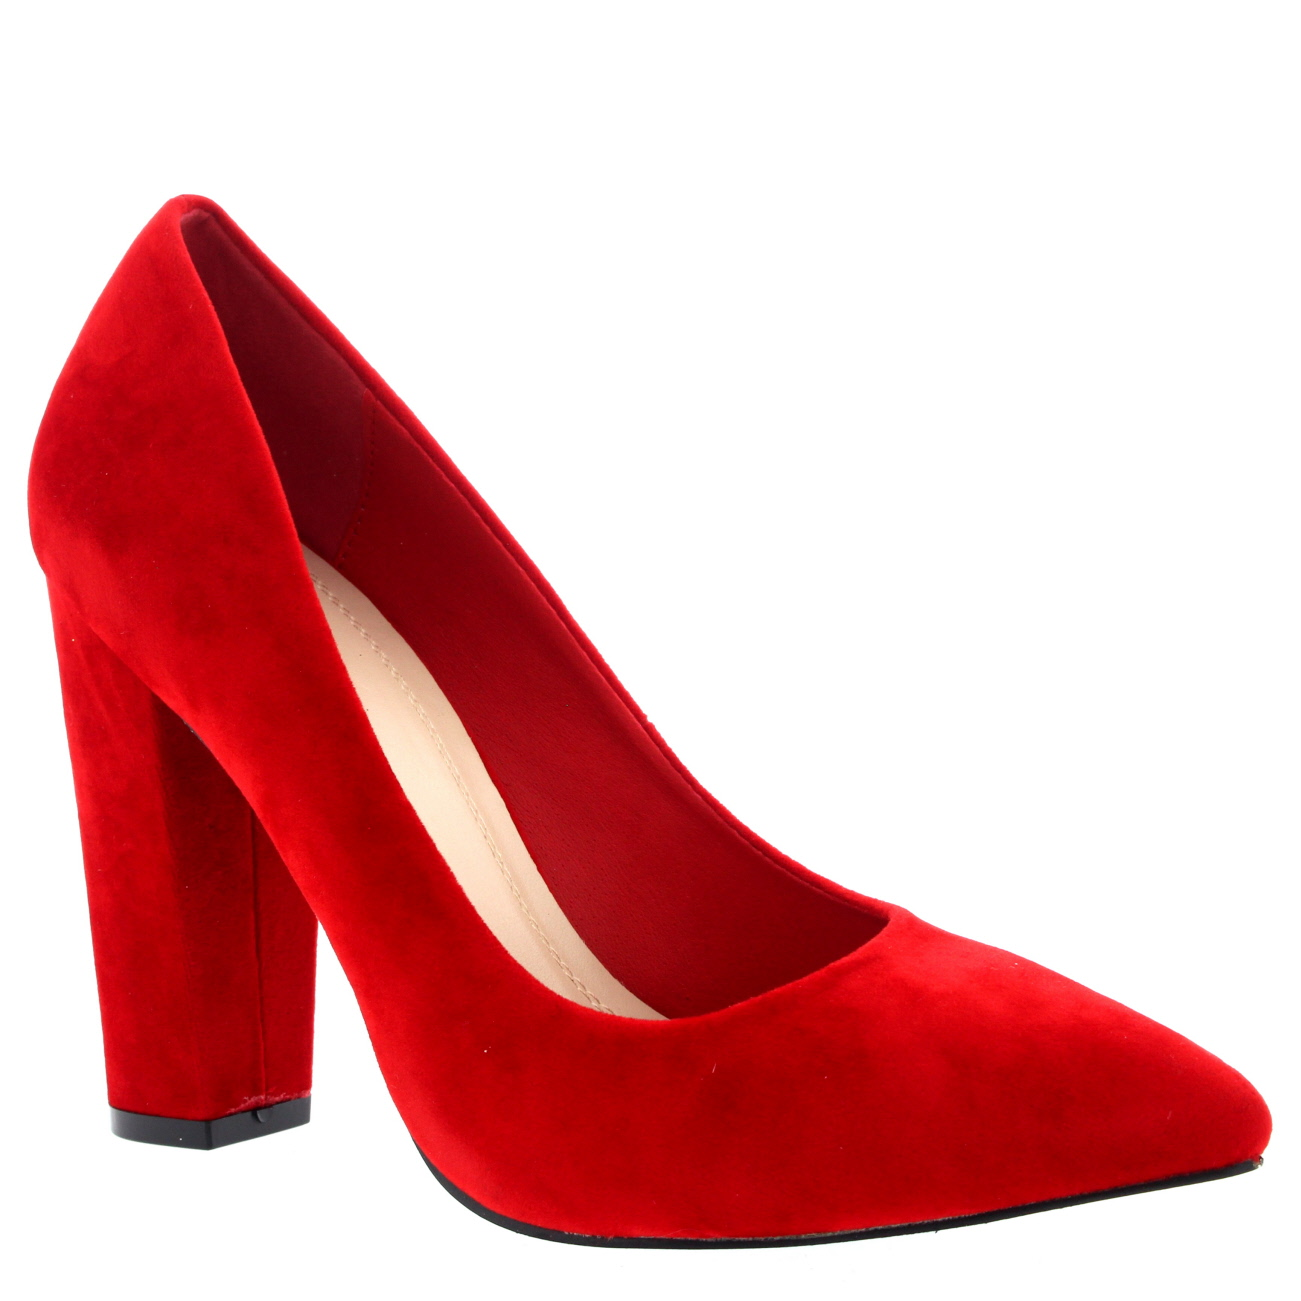 Block Heel Shoes Images